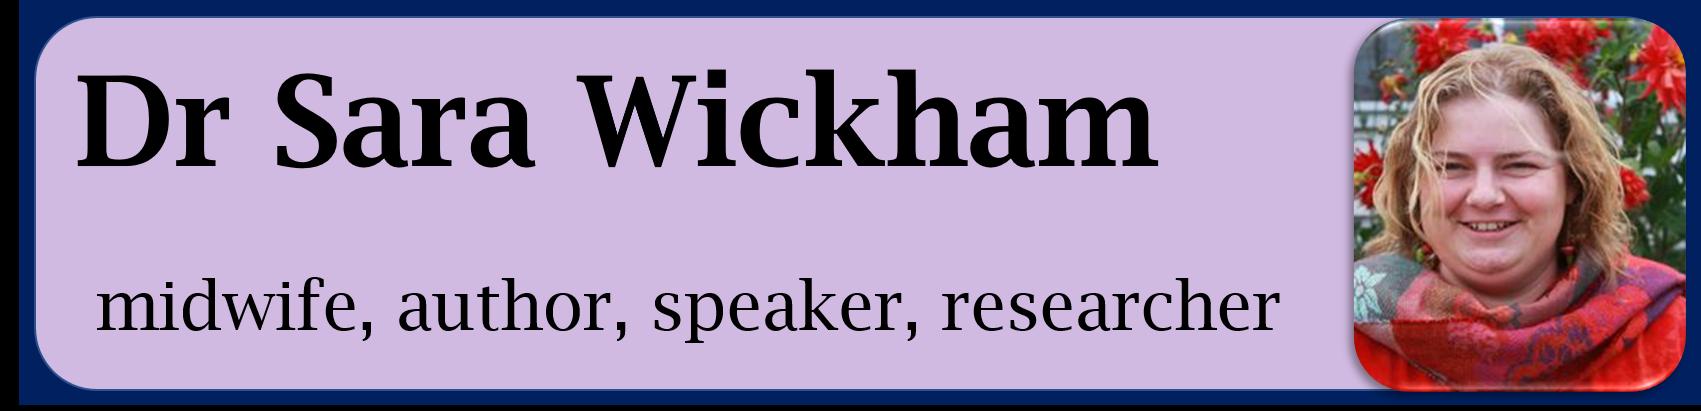 Dr Sara Wickham